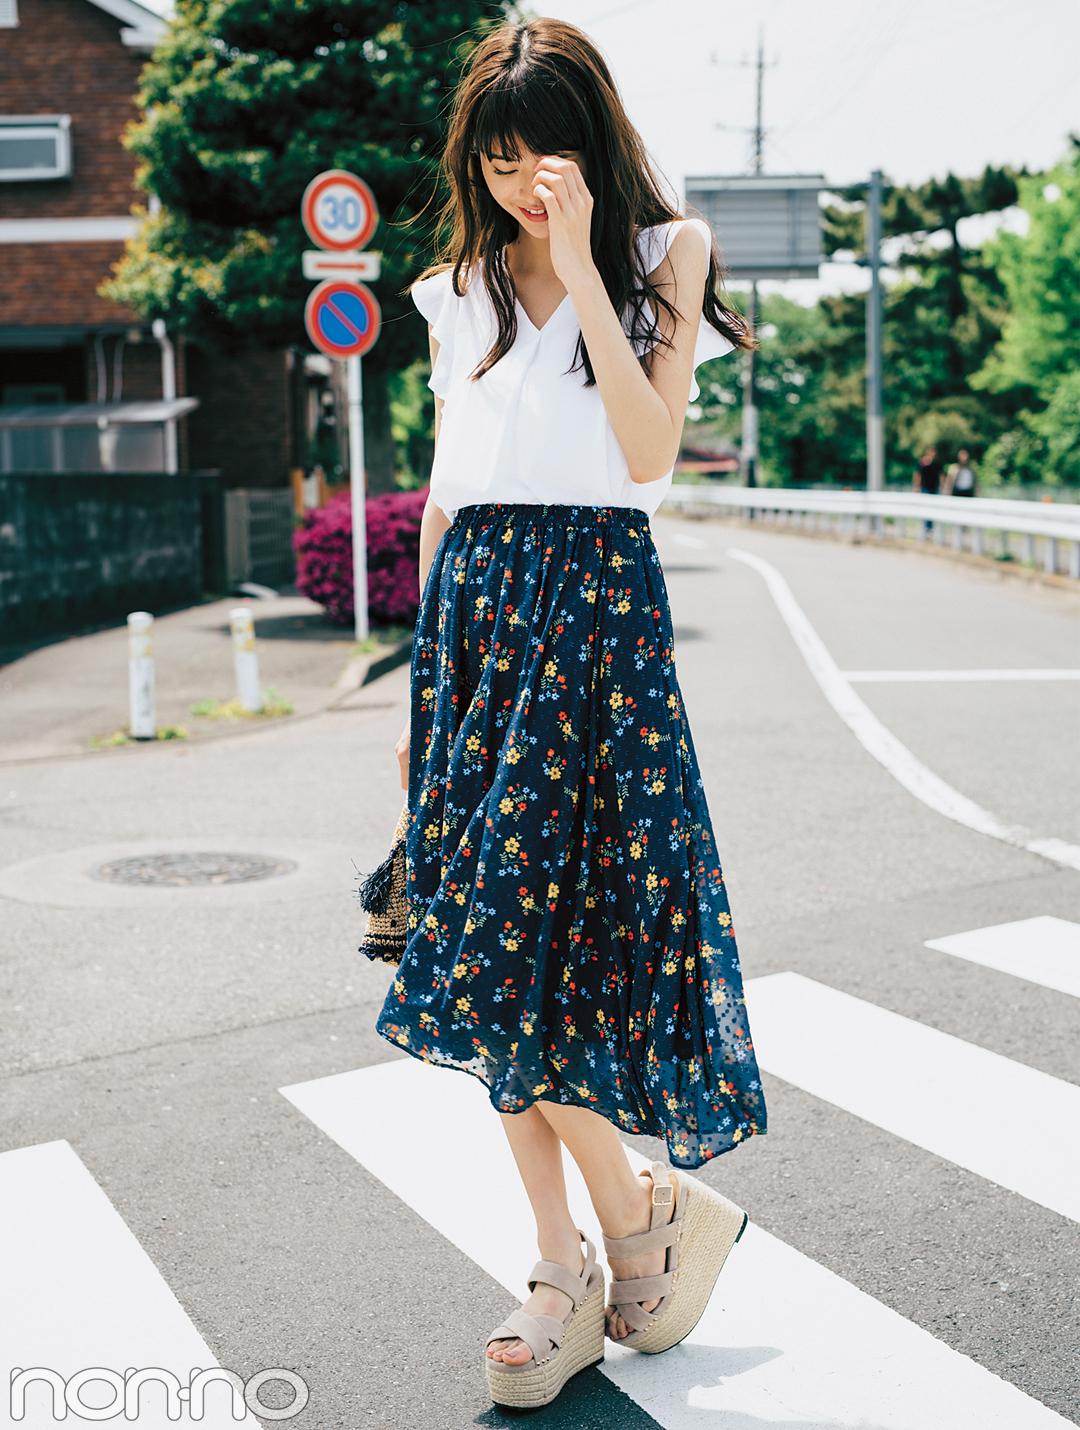 濃い色花柄スカートで、大人っぽくスタイルUPしたいときのポイントは?_1_3